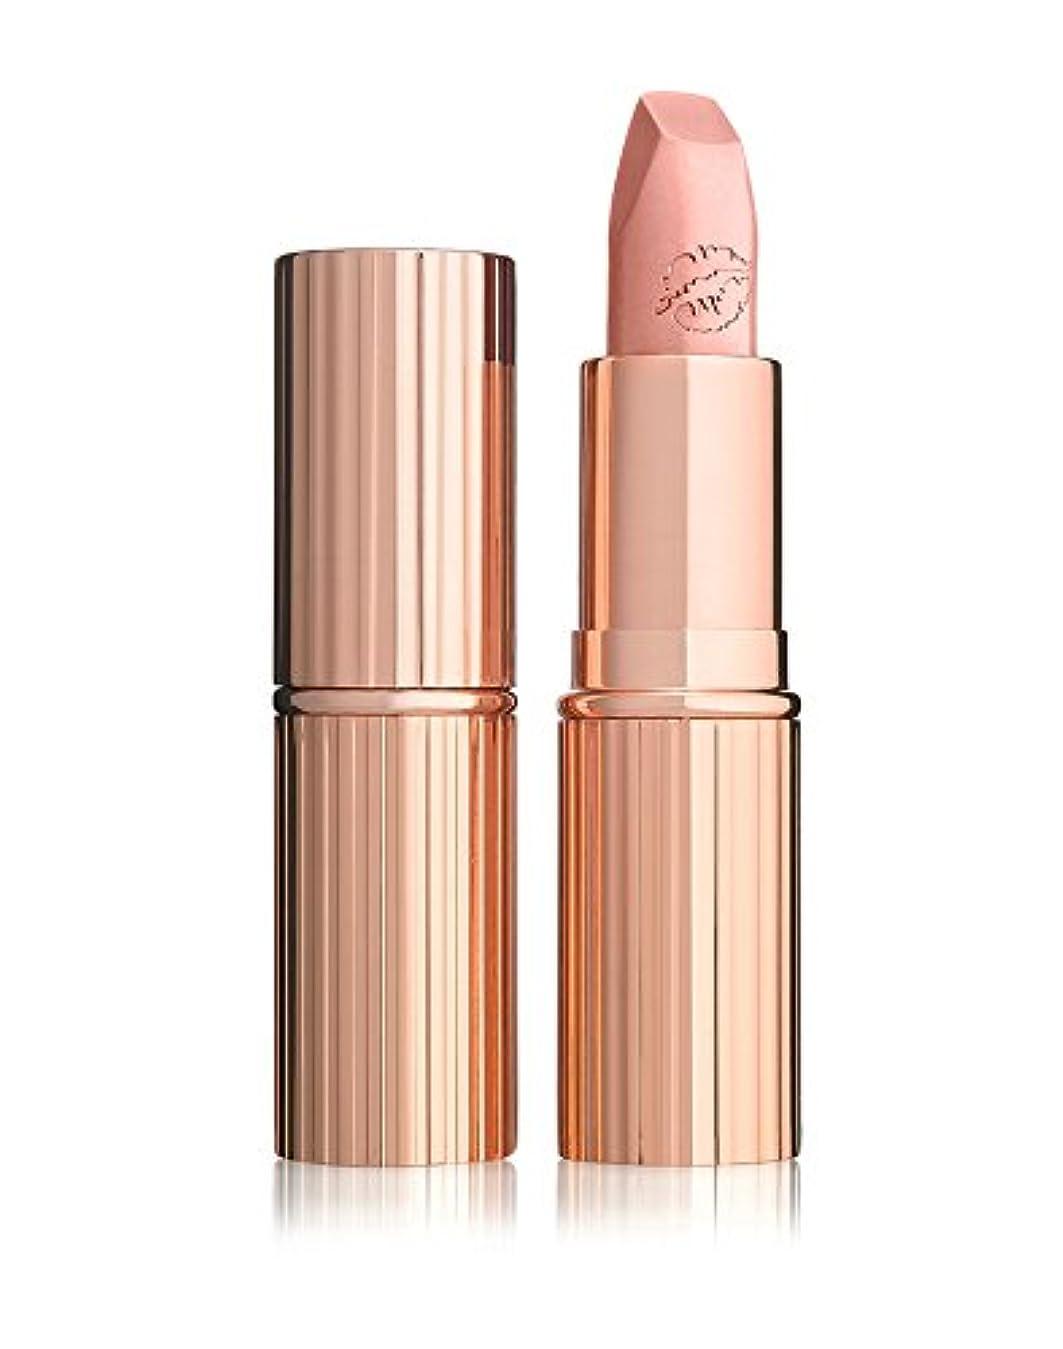 受益者噴出する最大化するCharlotte Tilbury(シャーロット ティルベリー)'Hot Lips' Lipstick (Kim K.w) [並行輸入品]